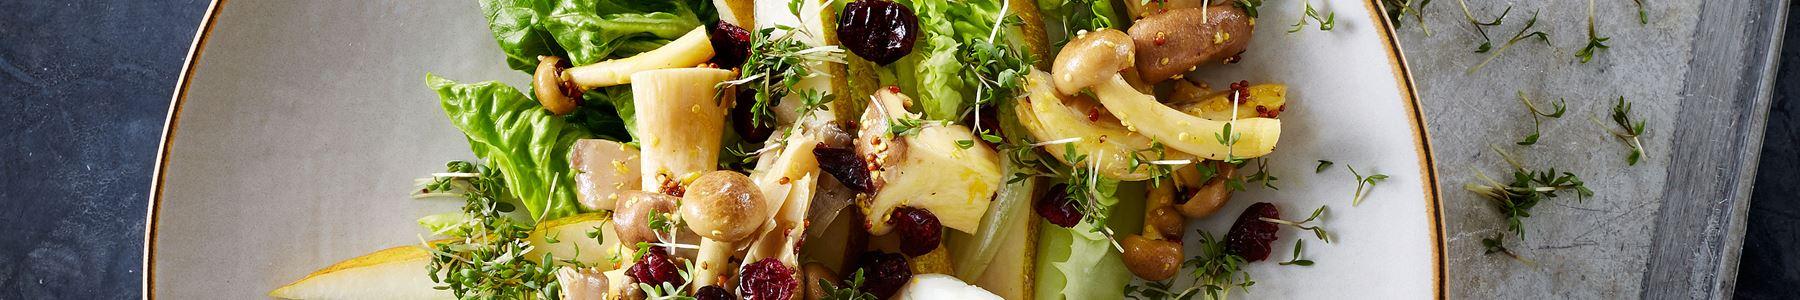 Ikke fryseegnet + Salater + Torskefilet